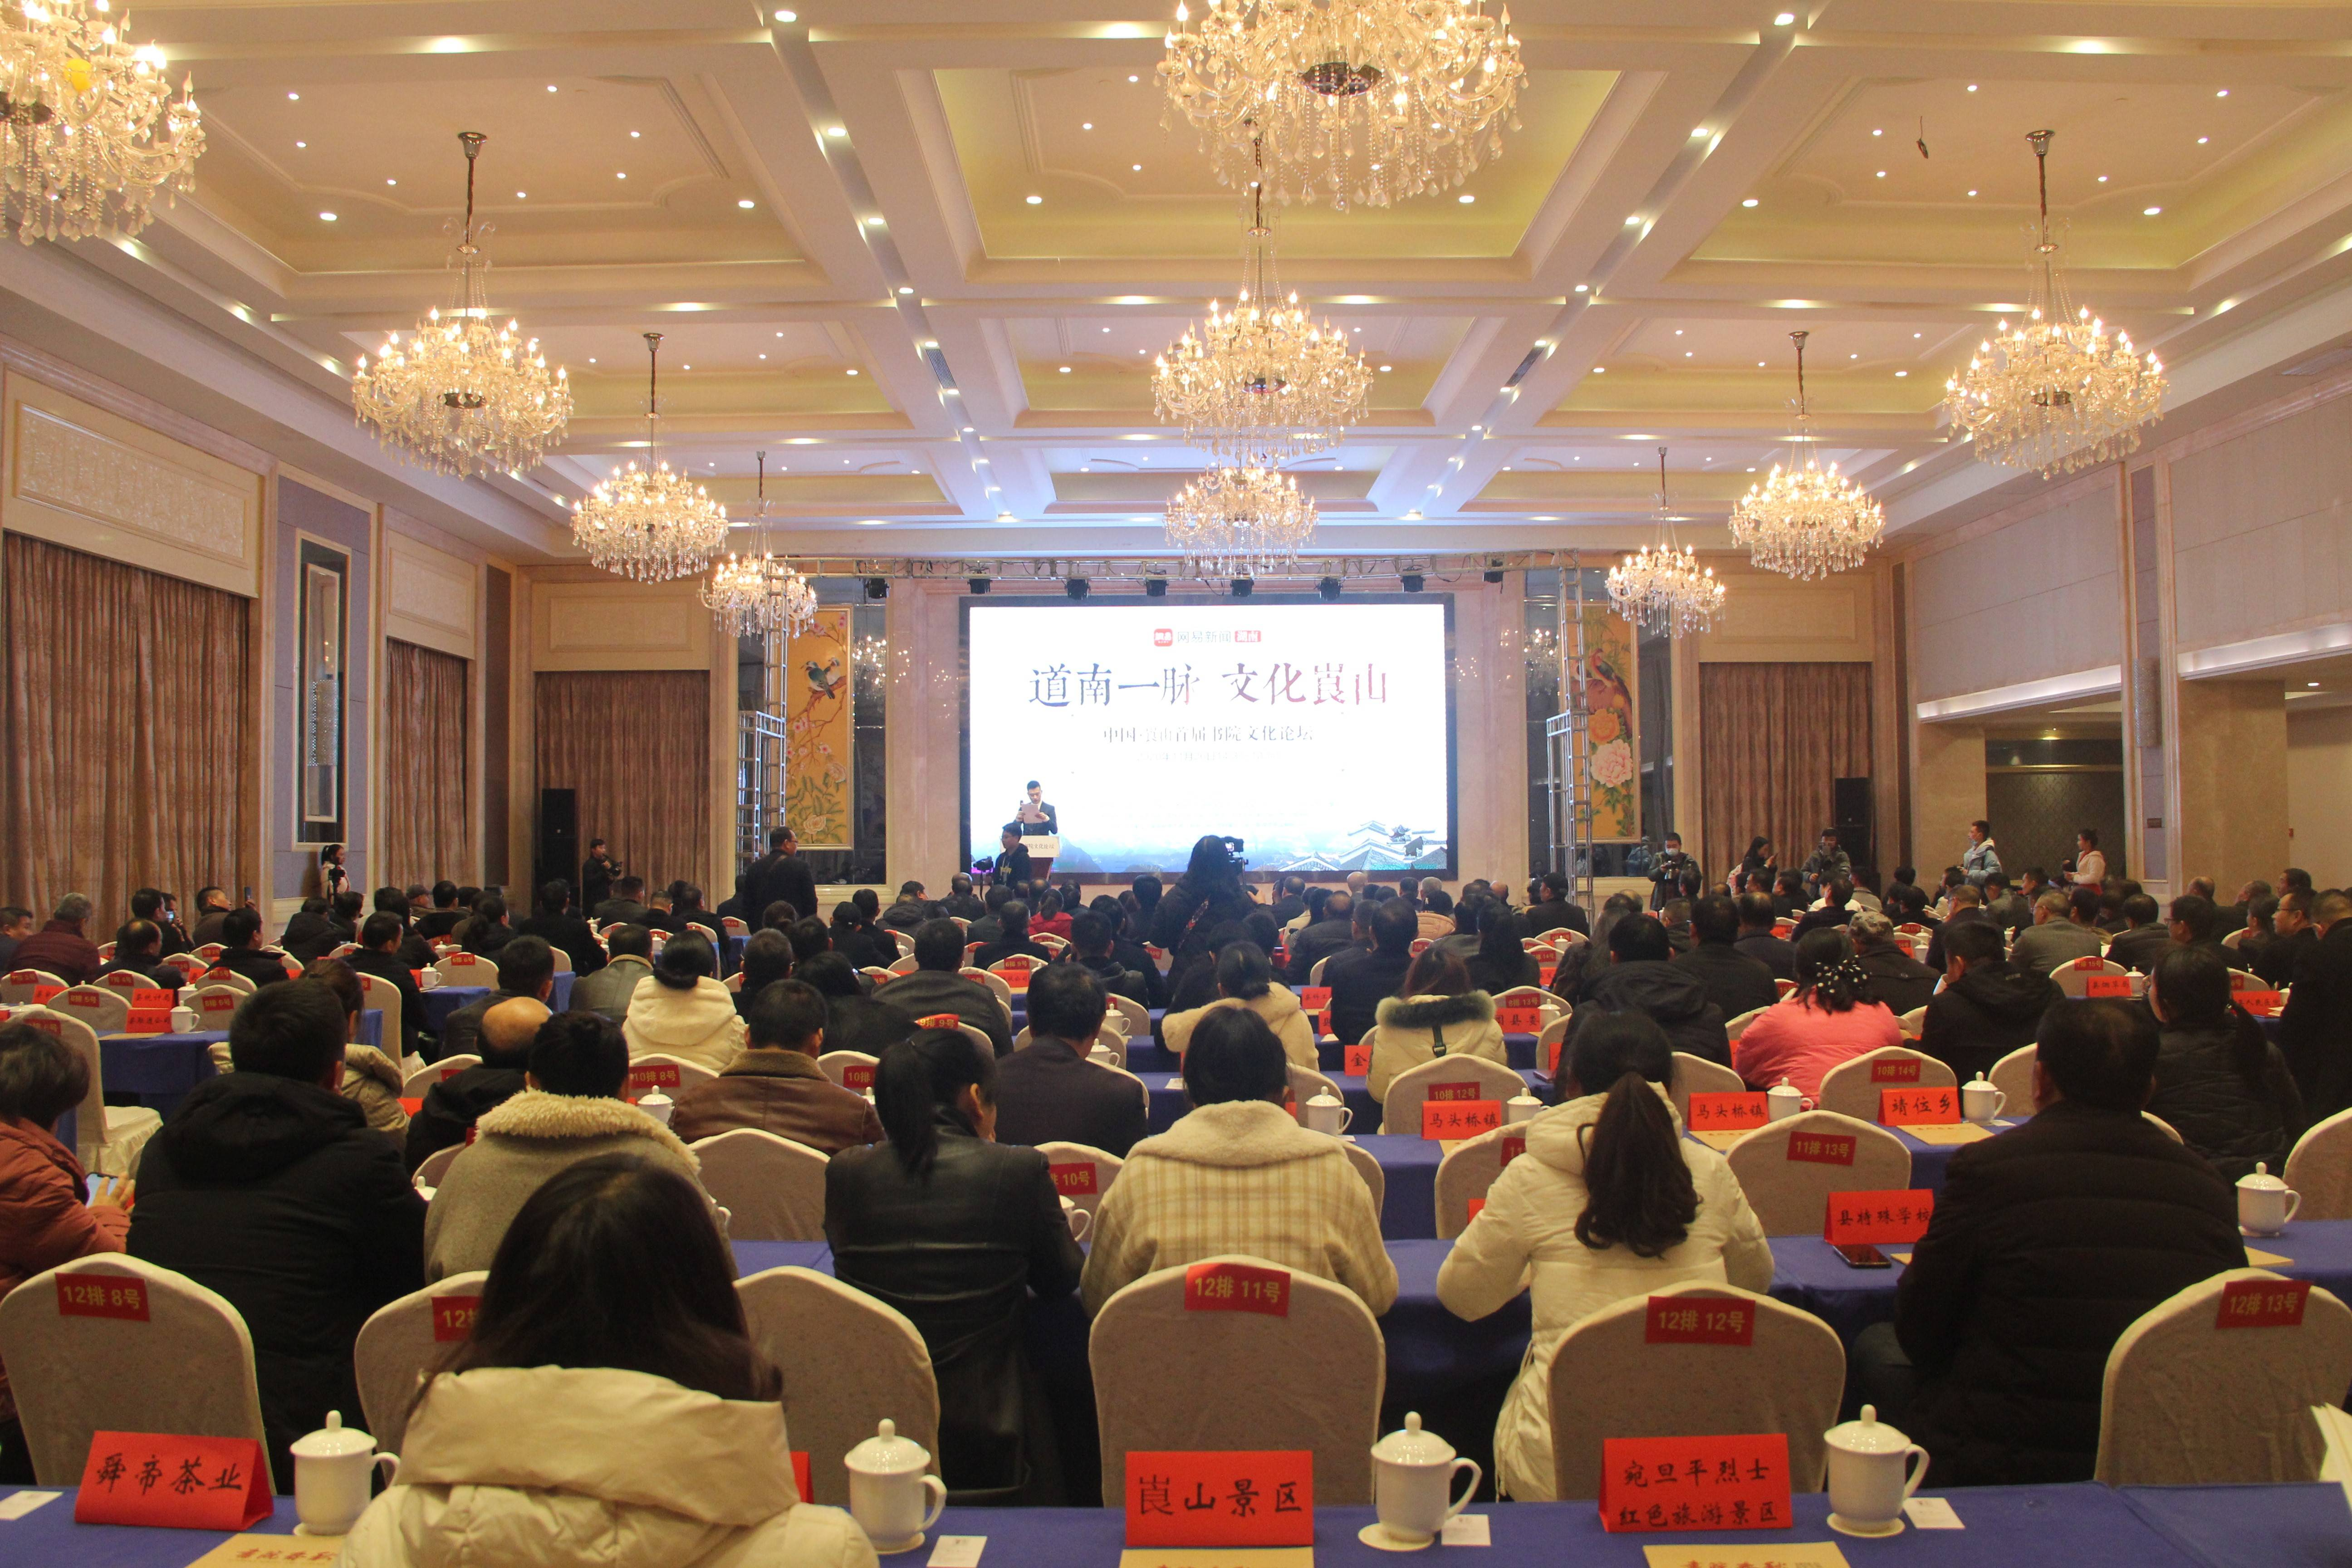 中国崀山首届书院文化论坛在湖南新宁举办